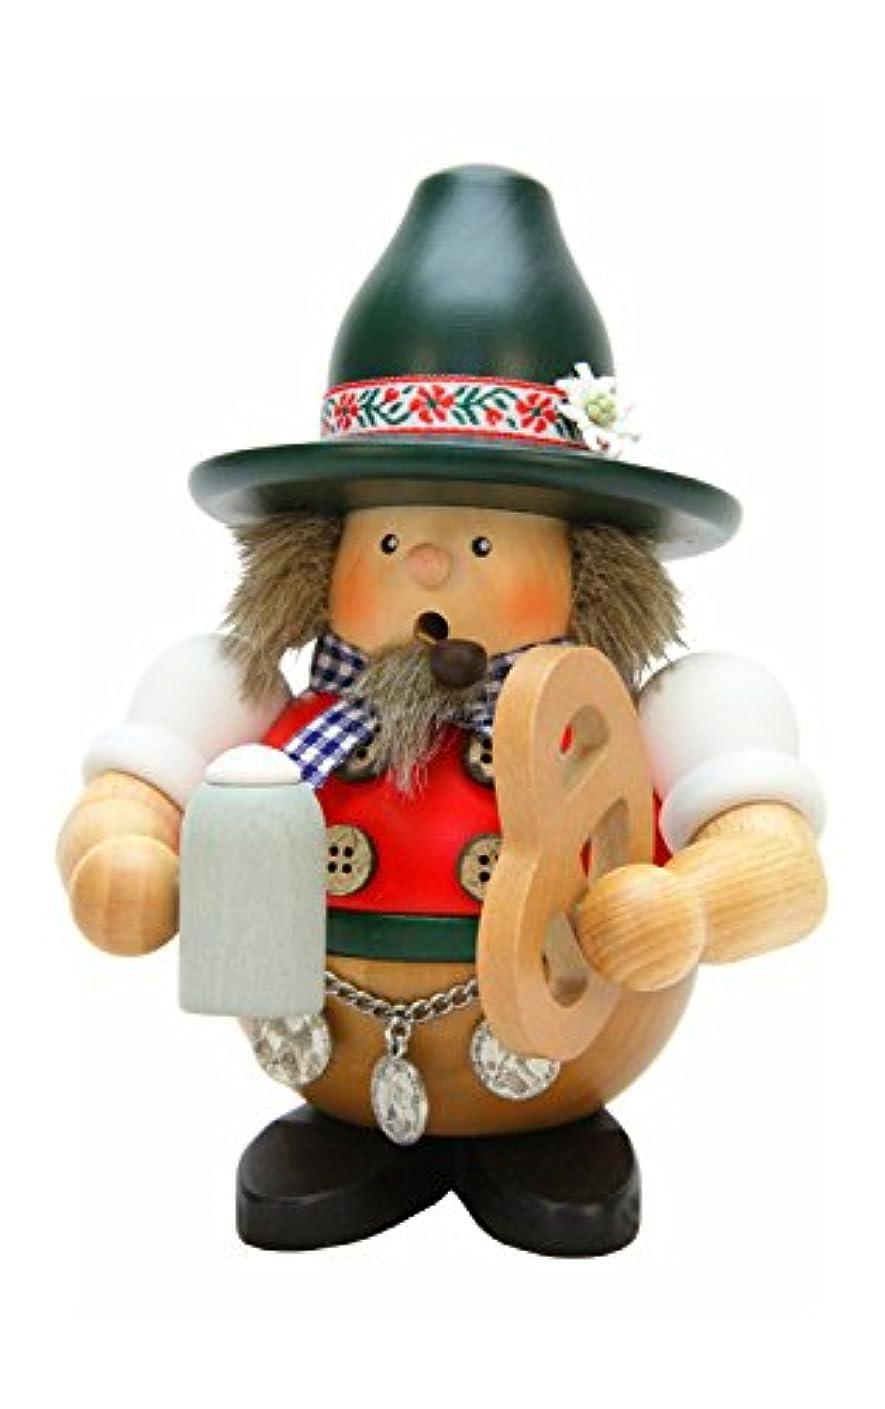 閉じるひねくれた落胆するULBR 1-470 Christian Ulbricht Incense Burner - Bavarian